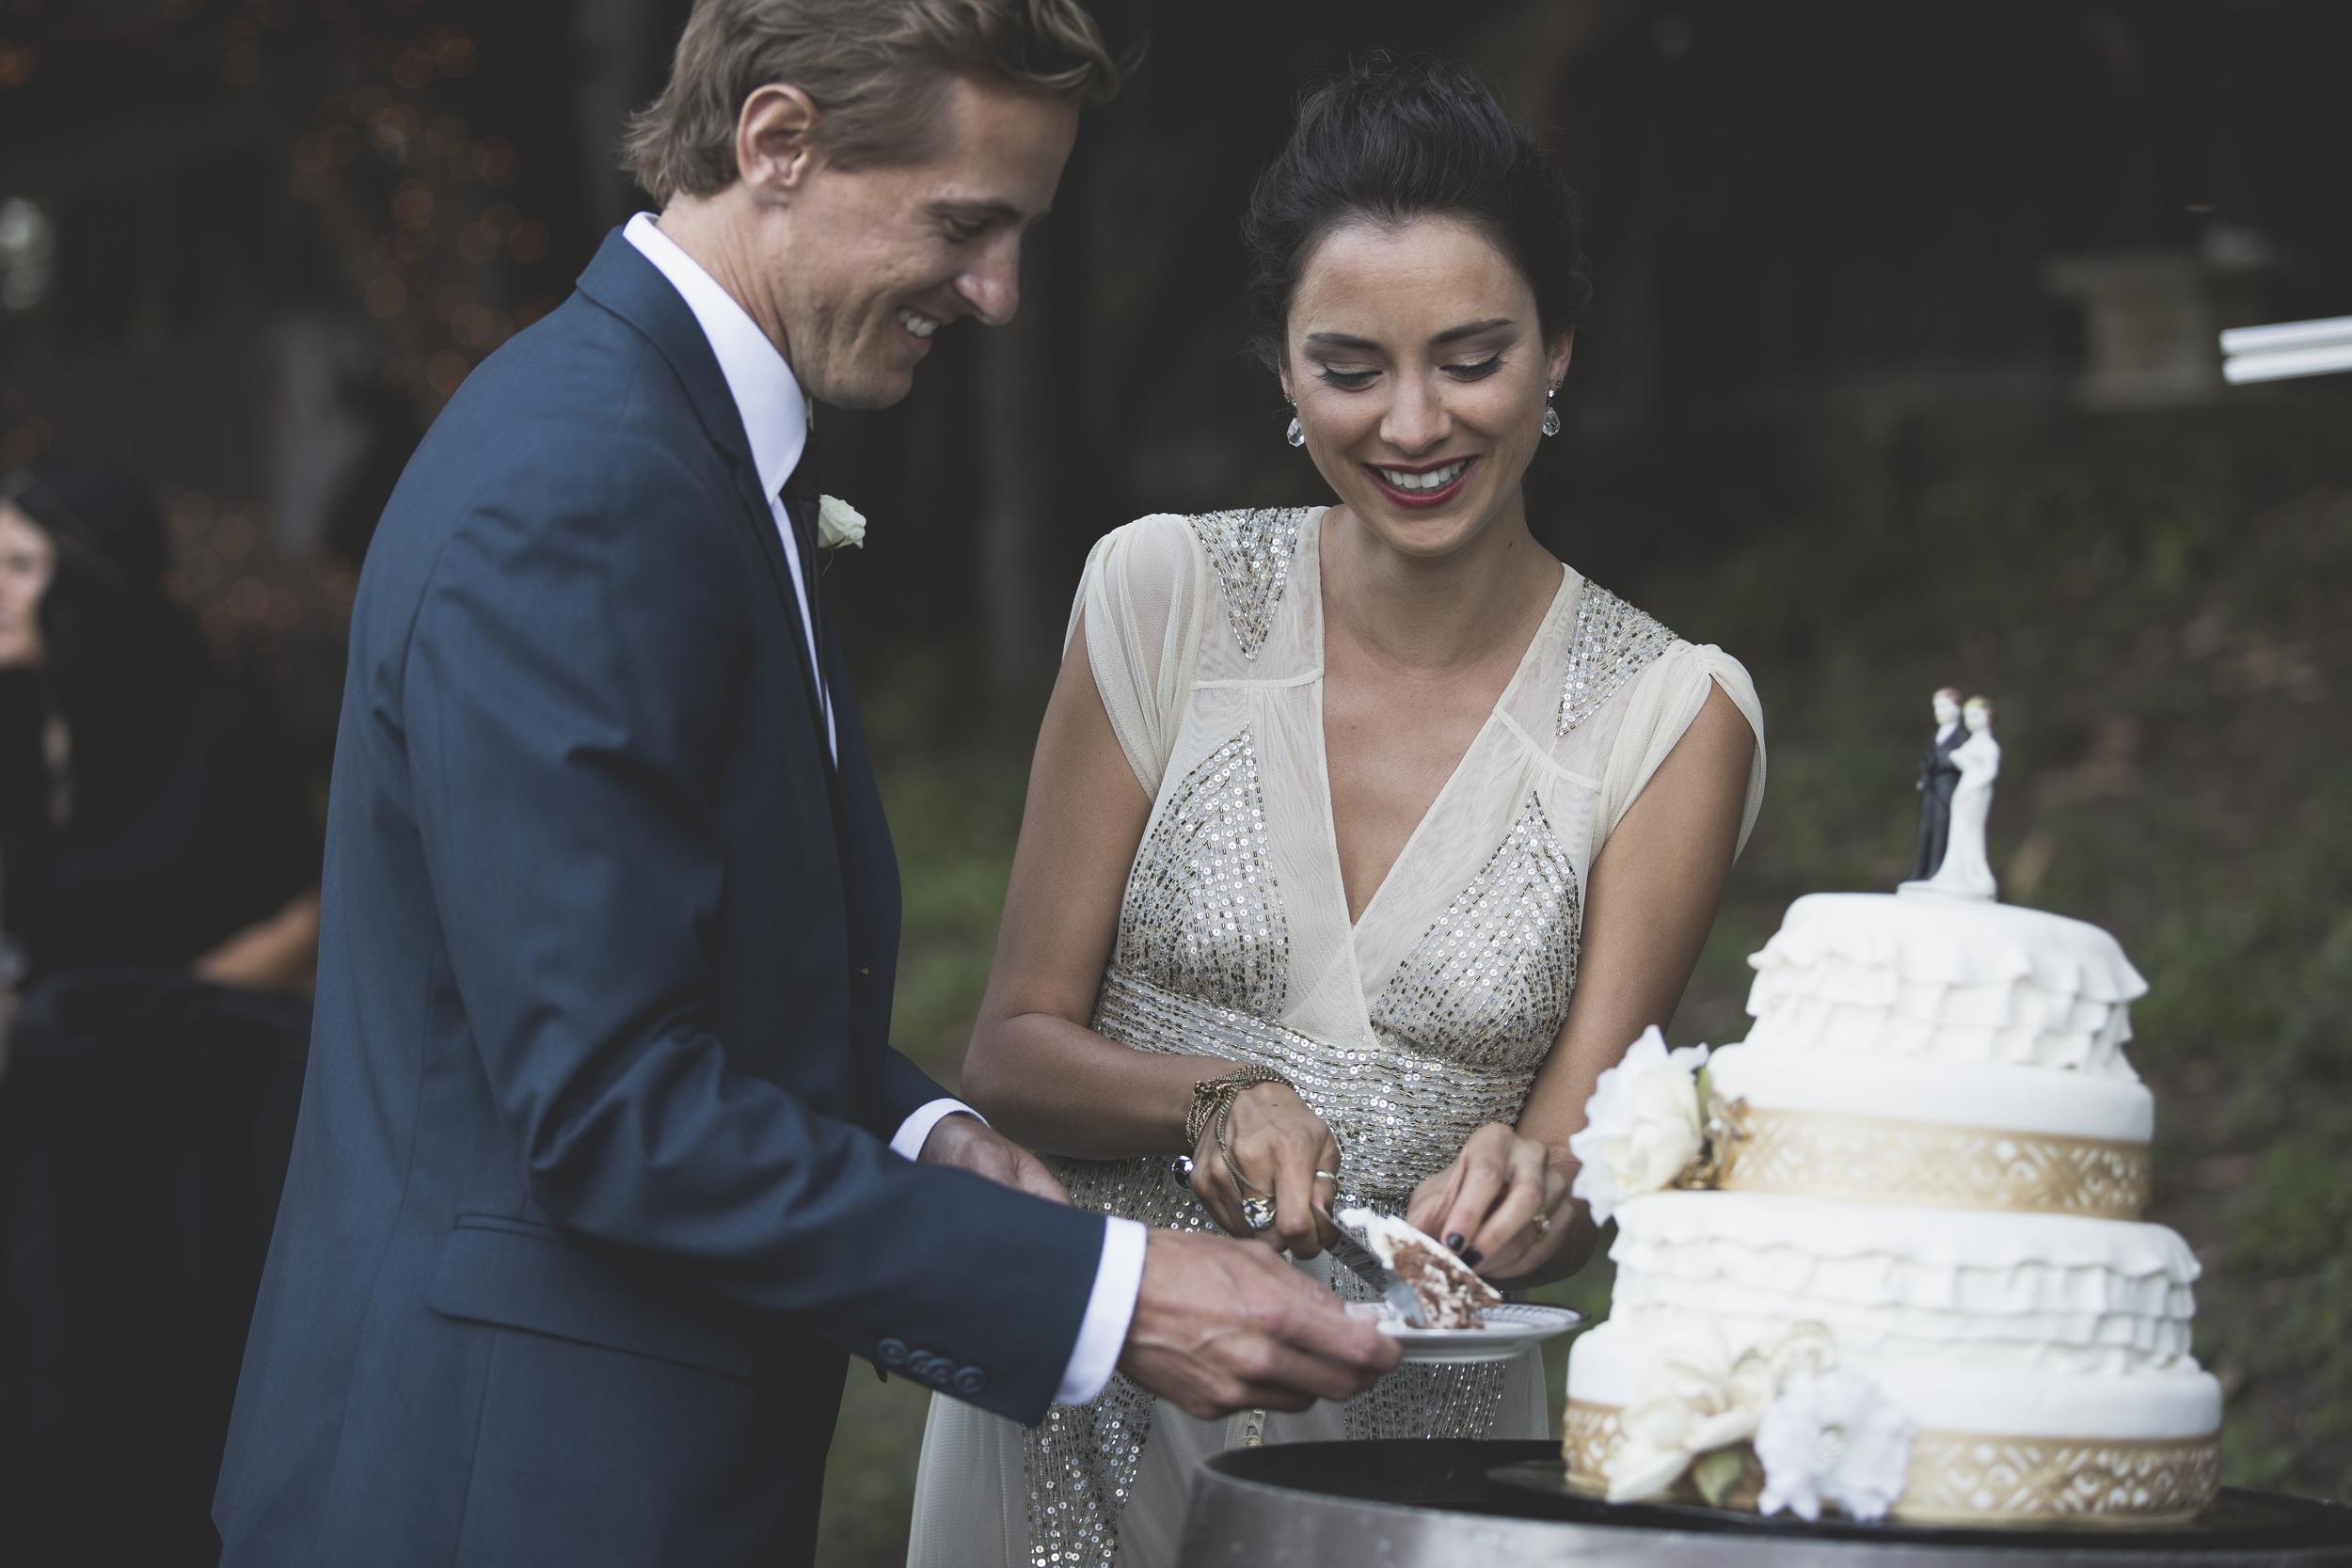 Wedding_Val&Brett_5D_20140802_41021.jpg